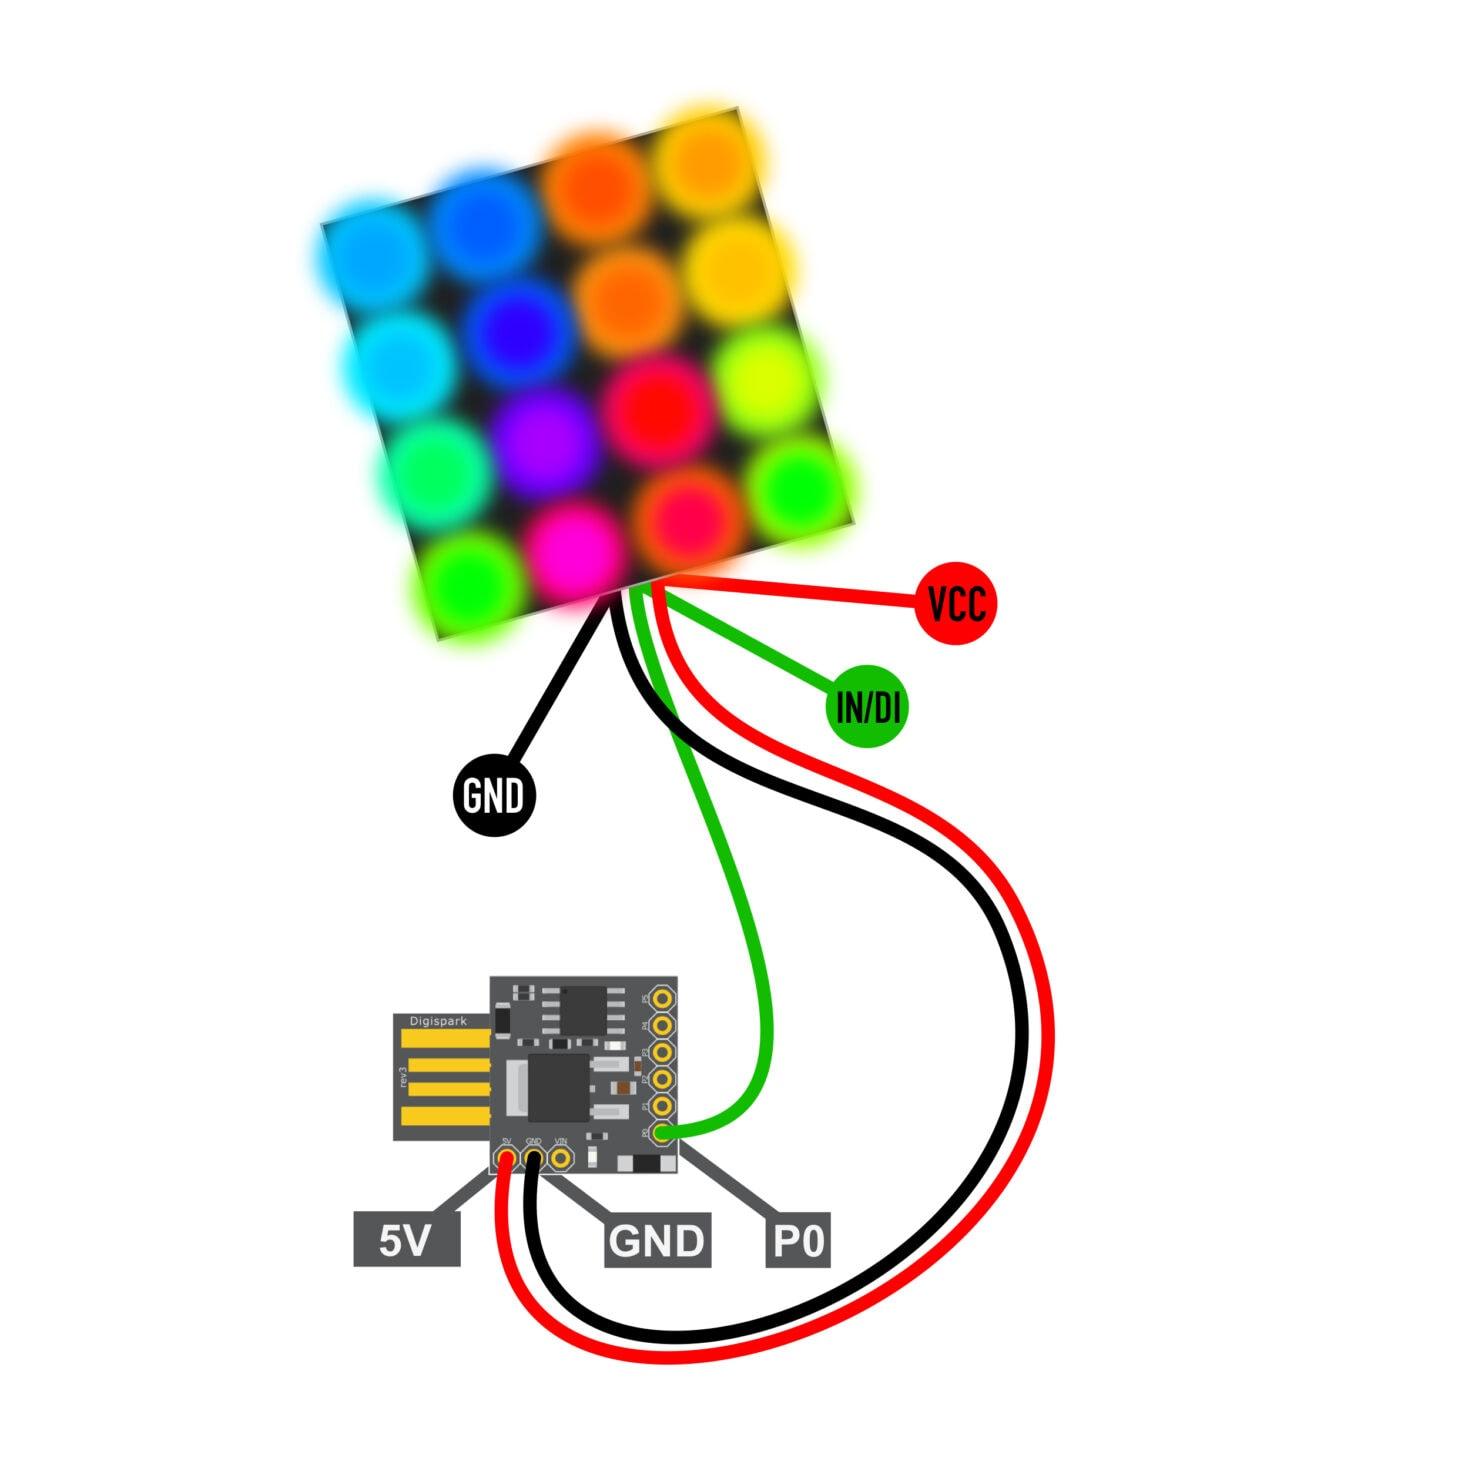 ATtiny85 mit USB von Digispark mit Neopixel